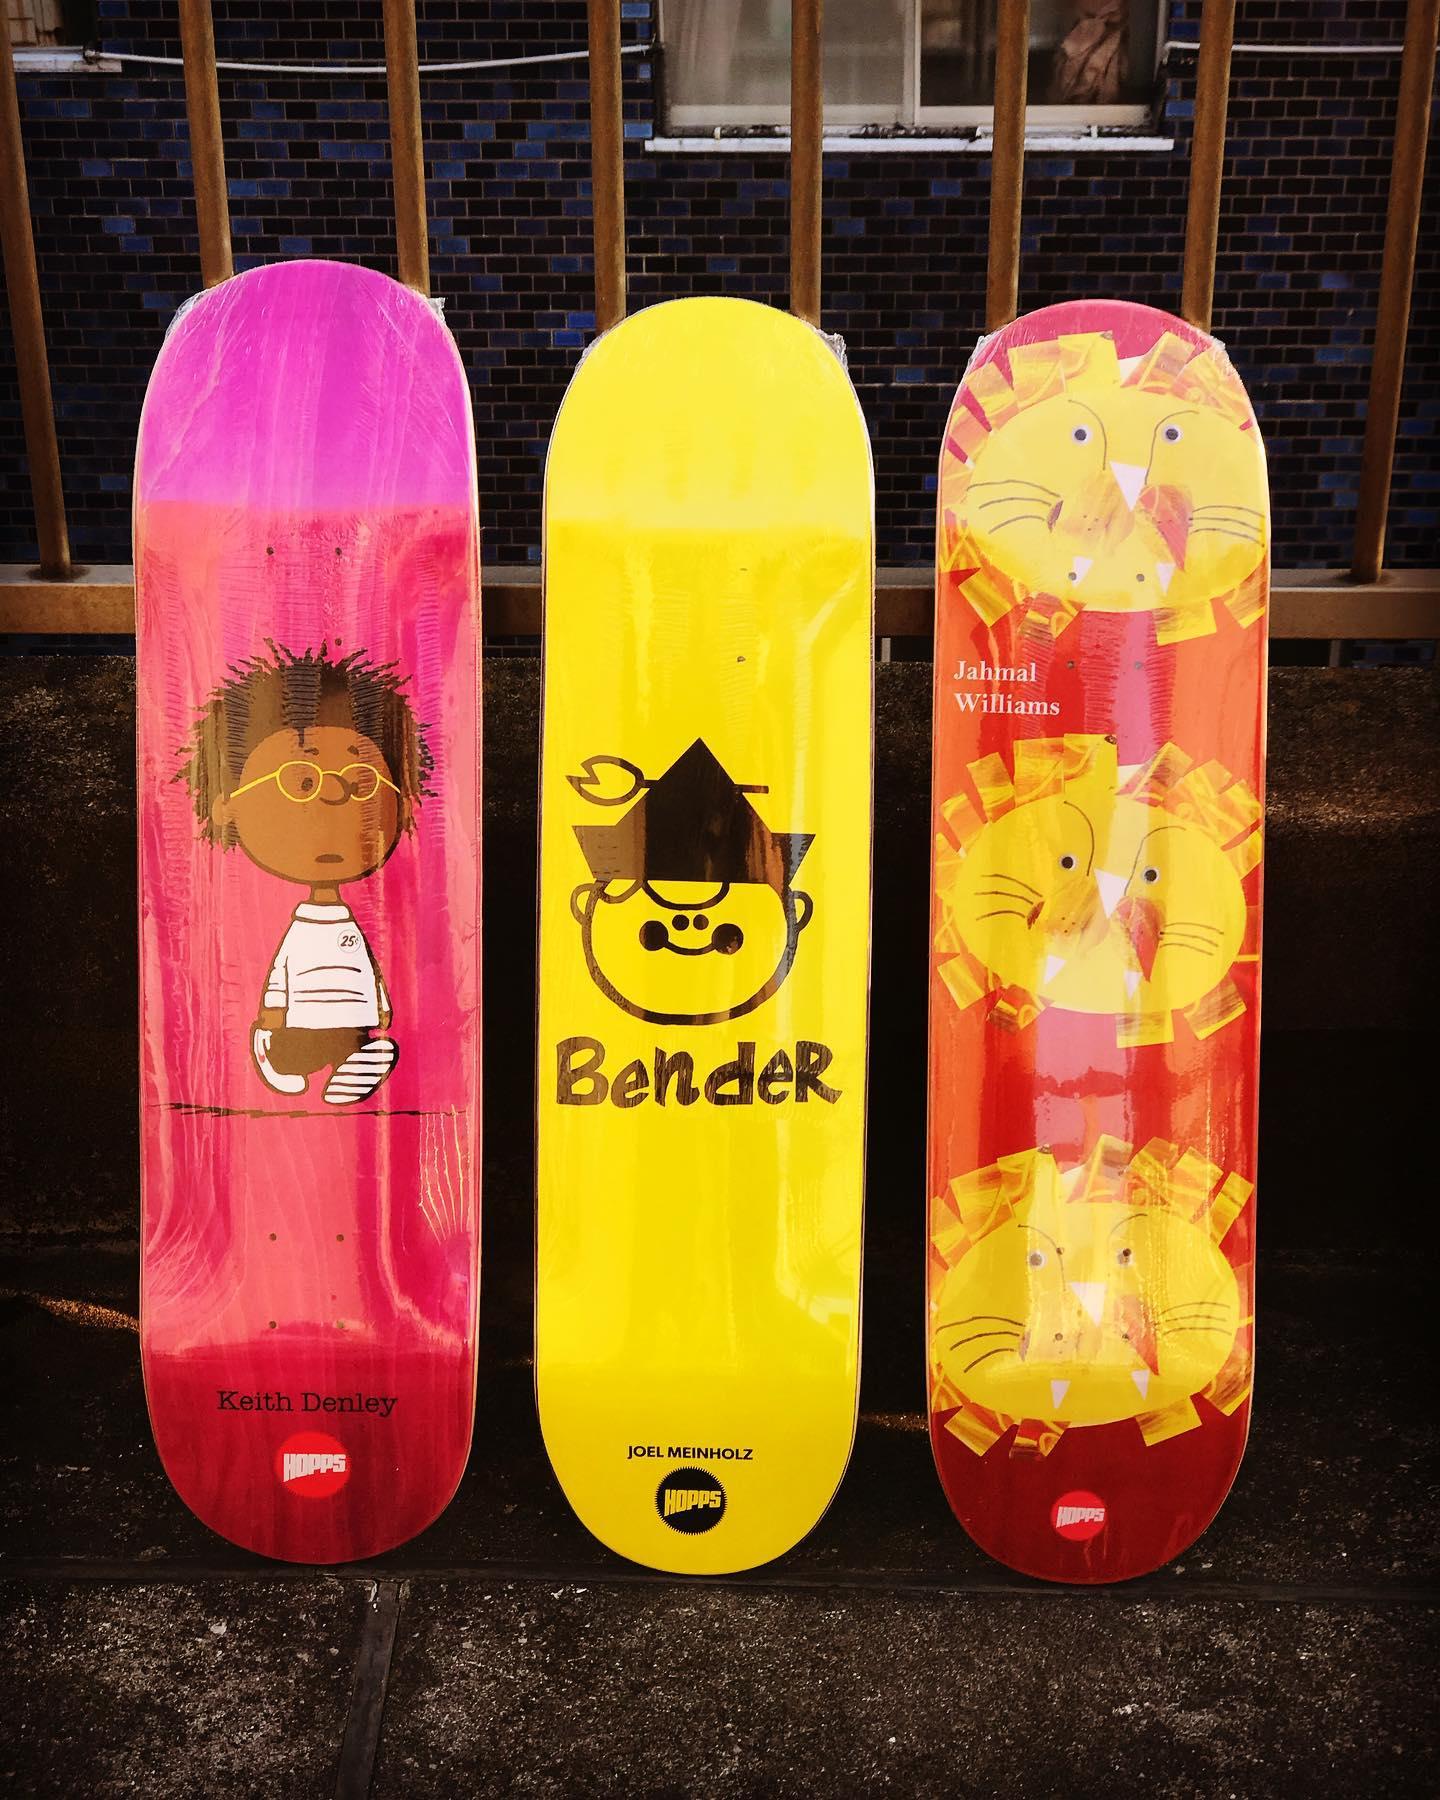 New @hoppsskateboarding decks.@keithdenley 1st Pro model